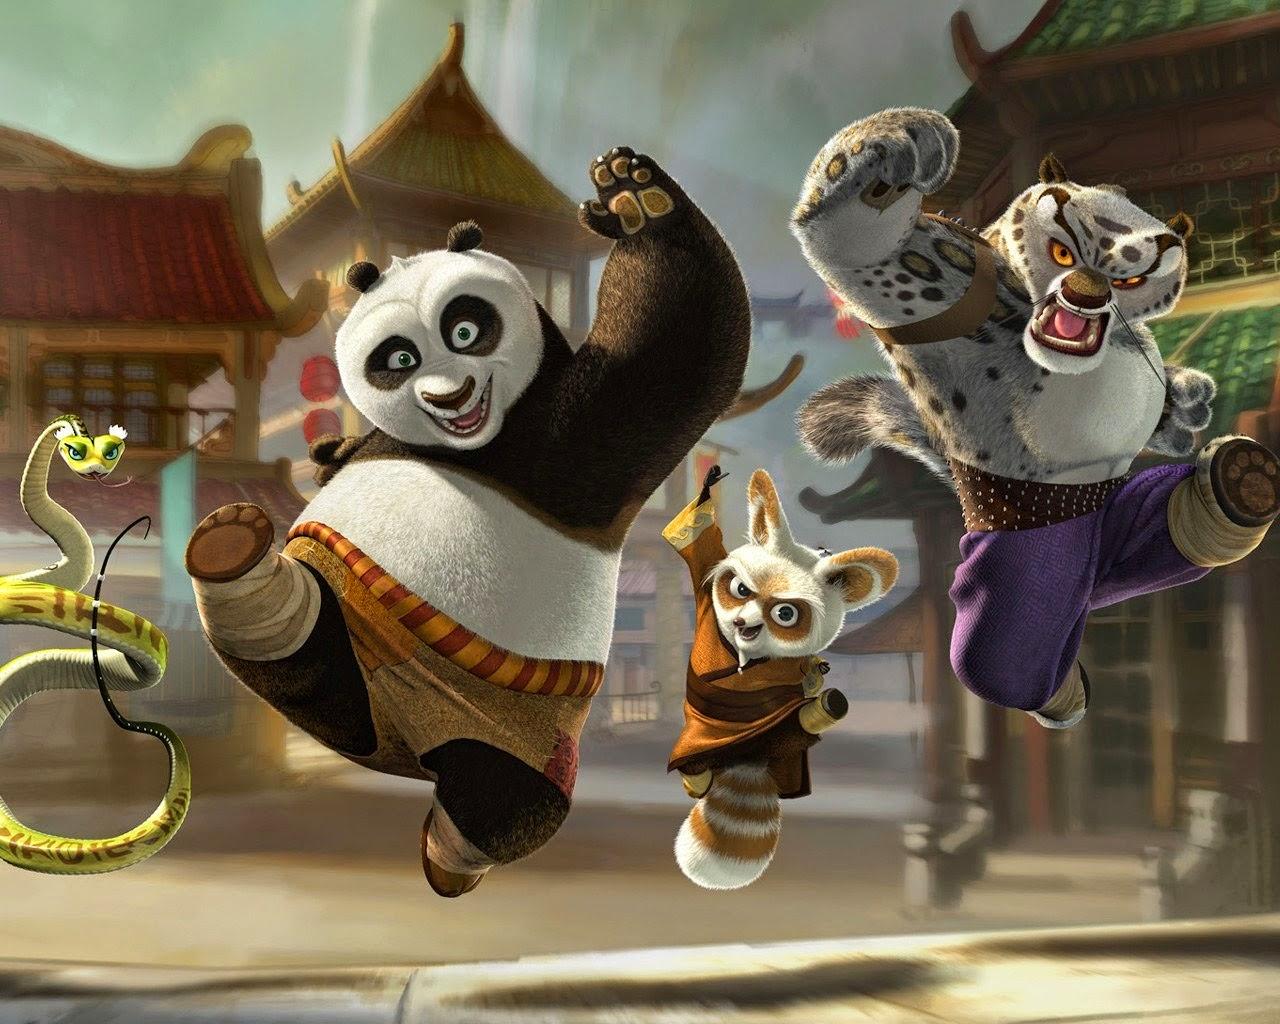 gambar animasi panda - gambar panda - gambar animasi panda